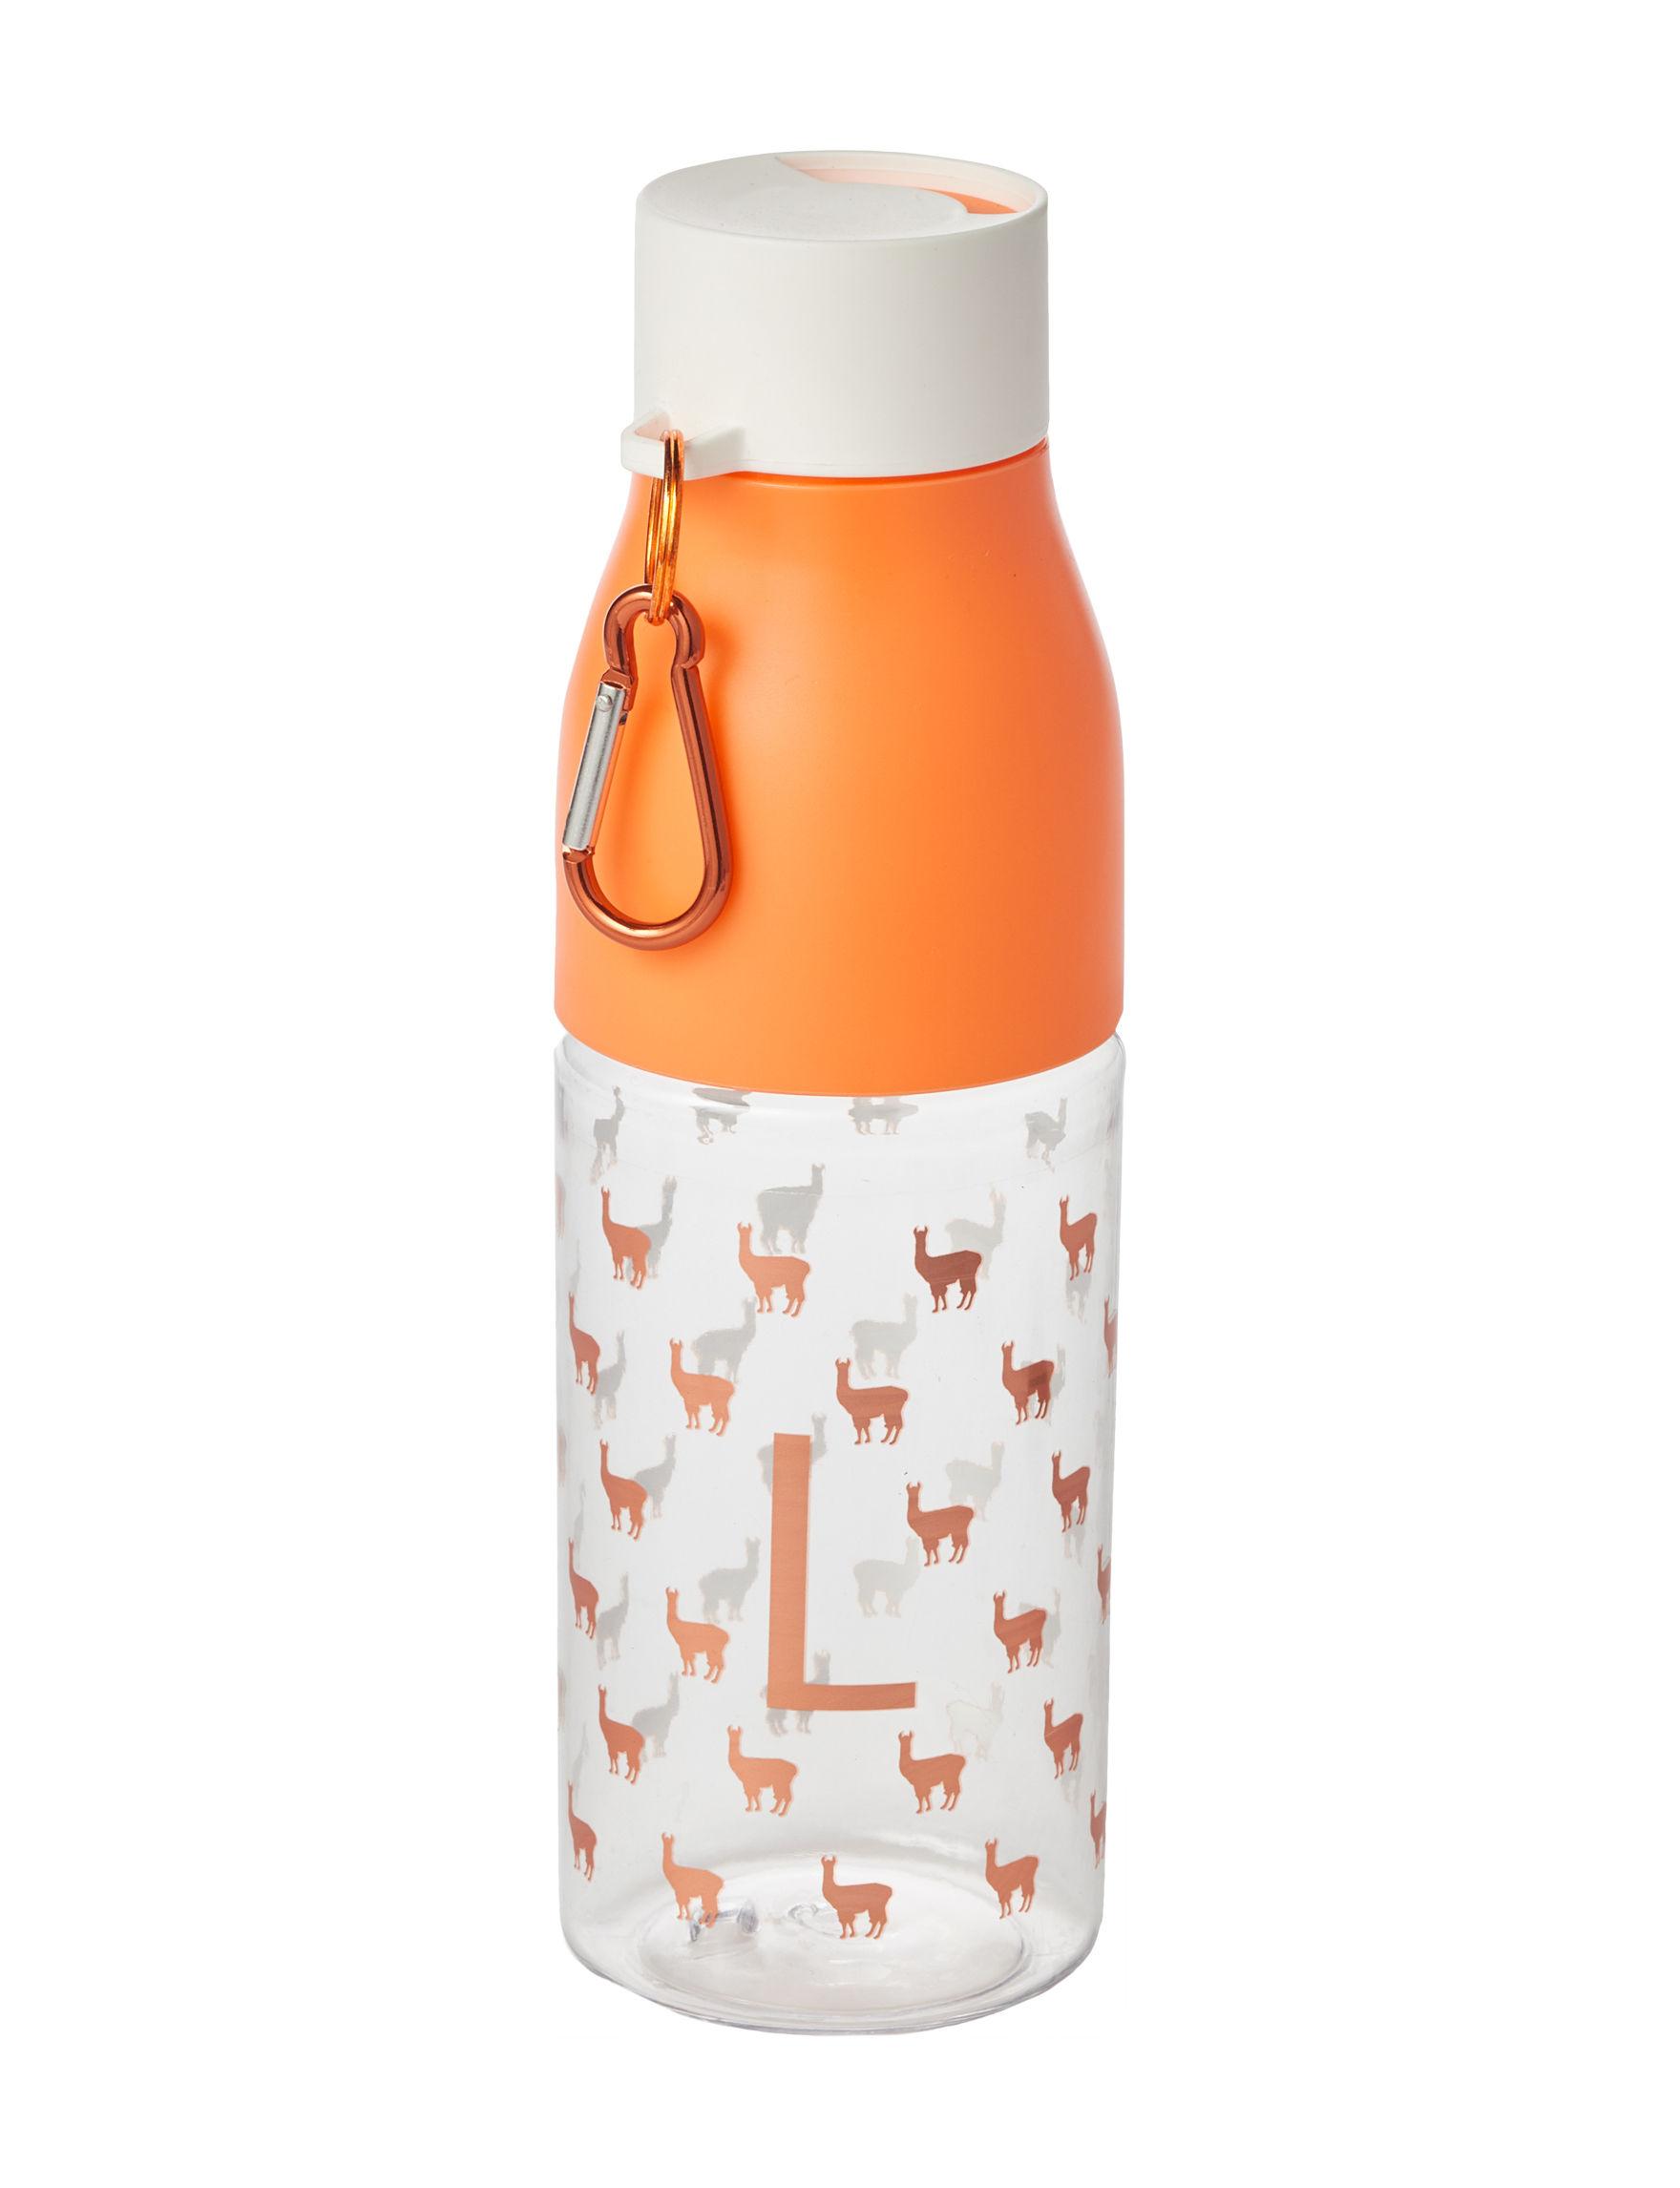 Tri Coastal White / Coral Monogram Water Bottles Drinkware